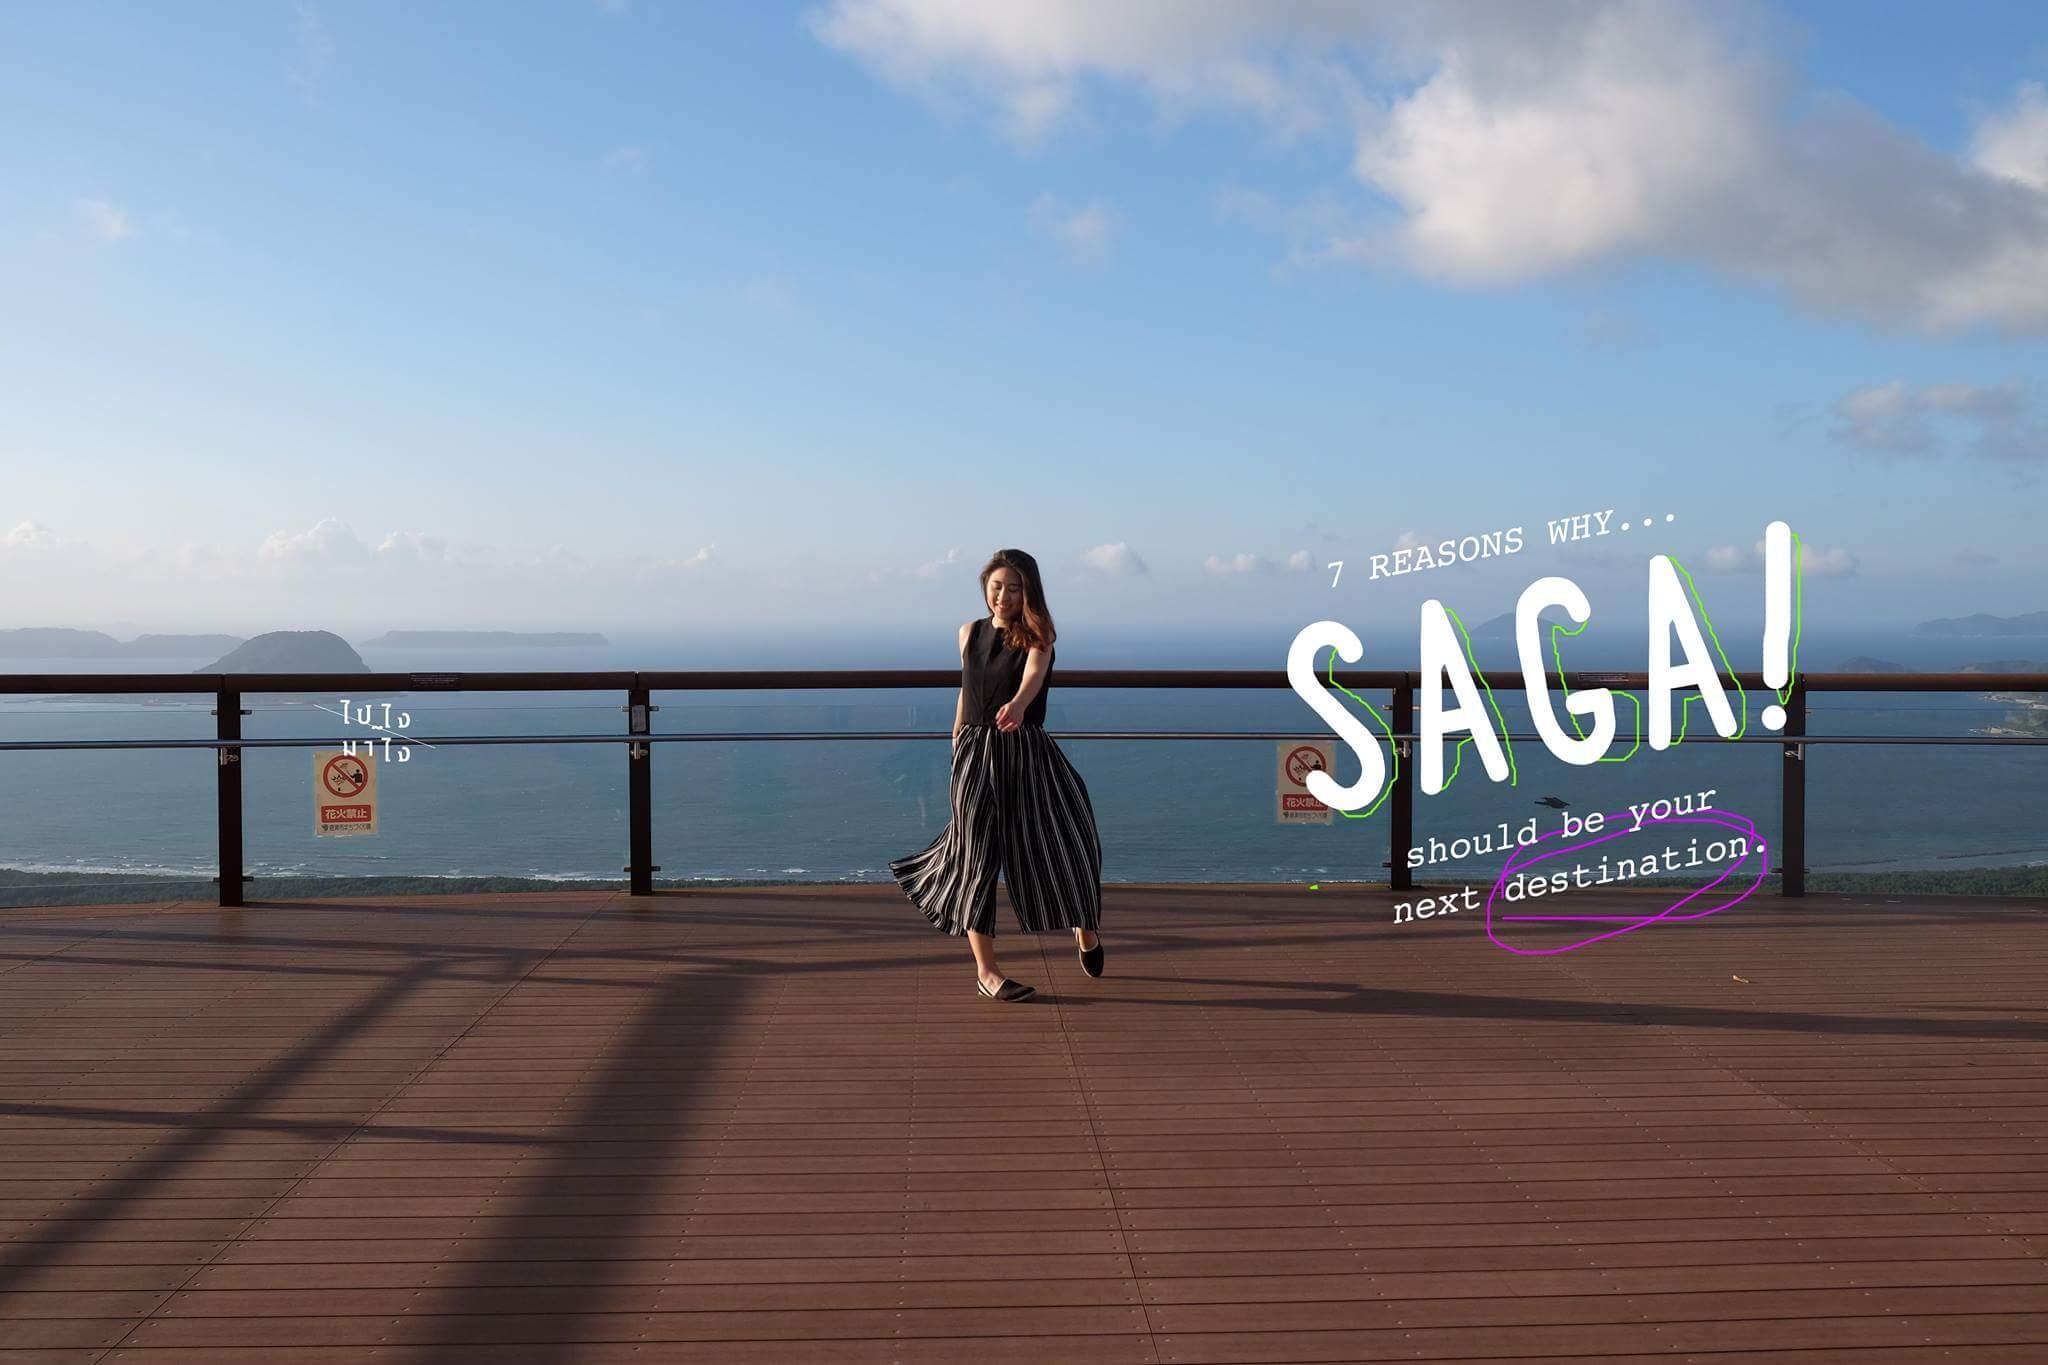 7 reasons to visit 'SAGA'